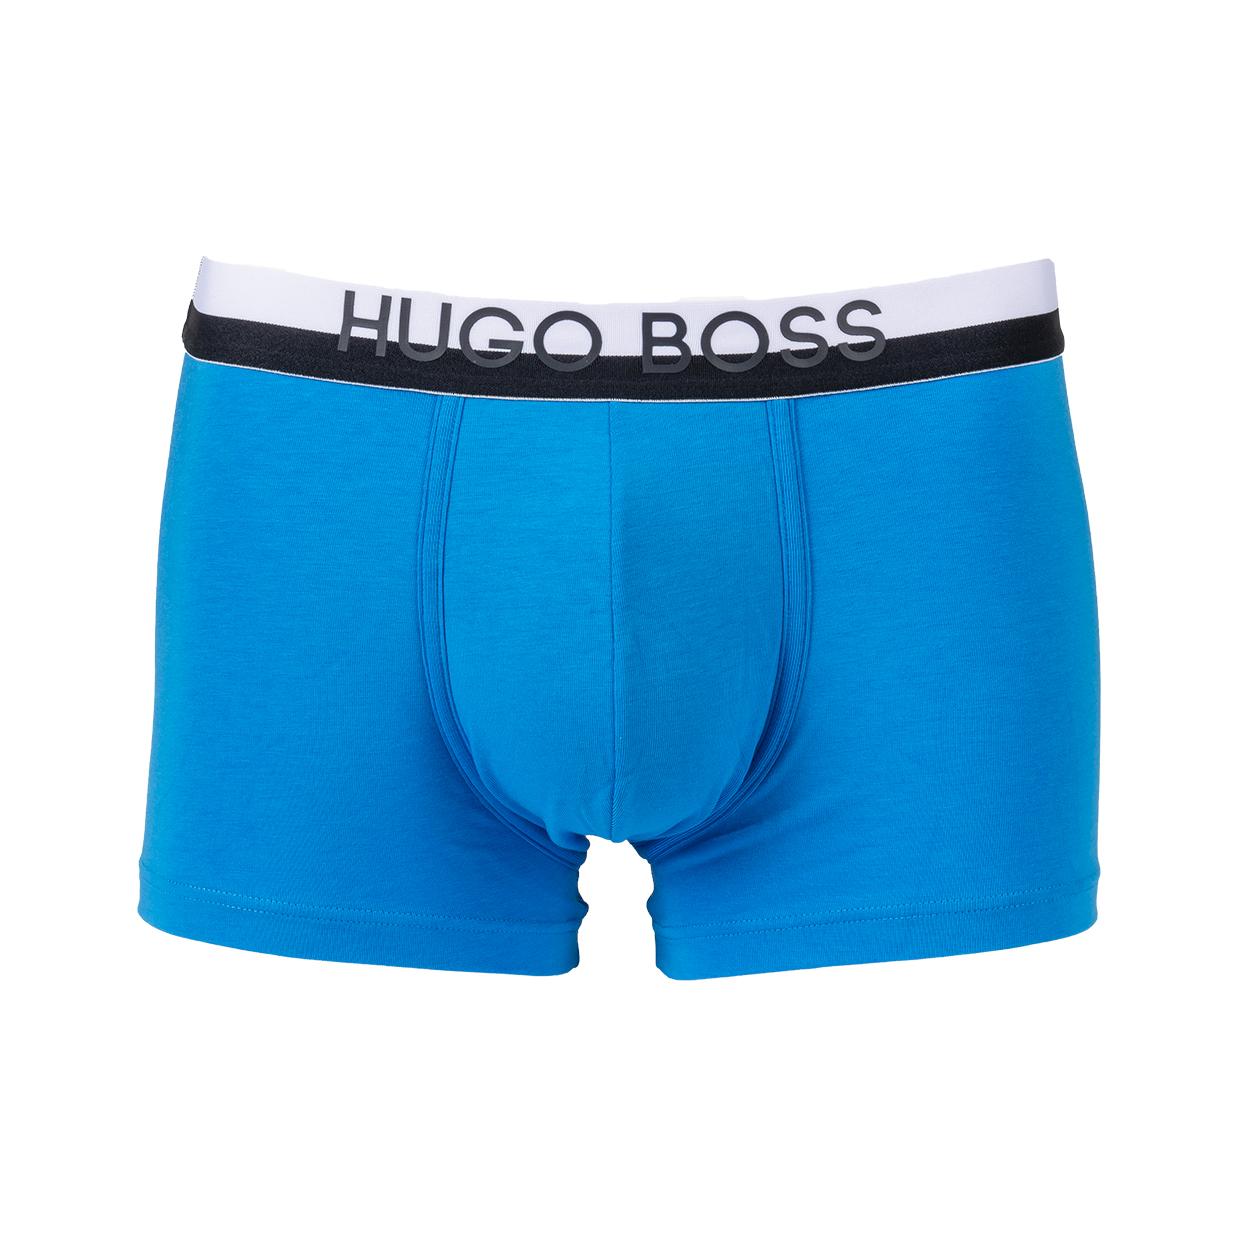 Boxer  en coton mélangé bleu turquoise